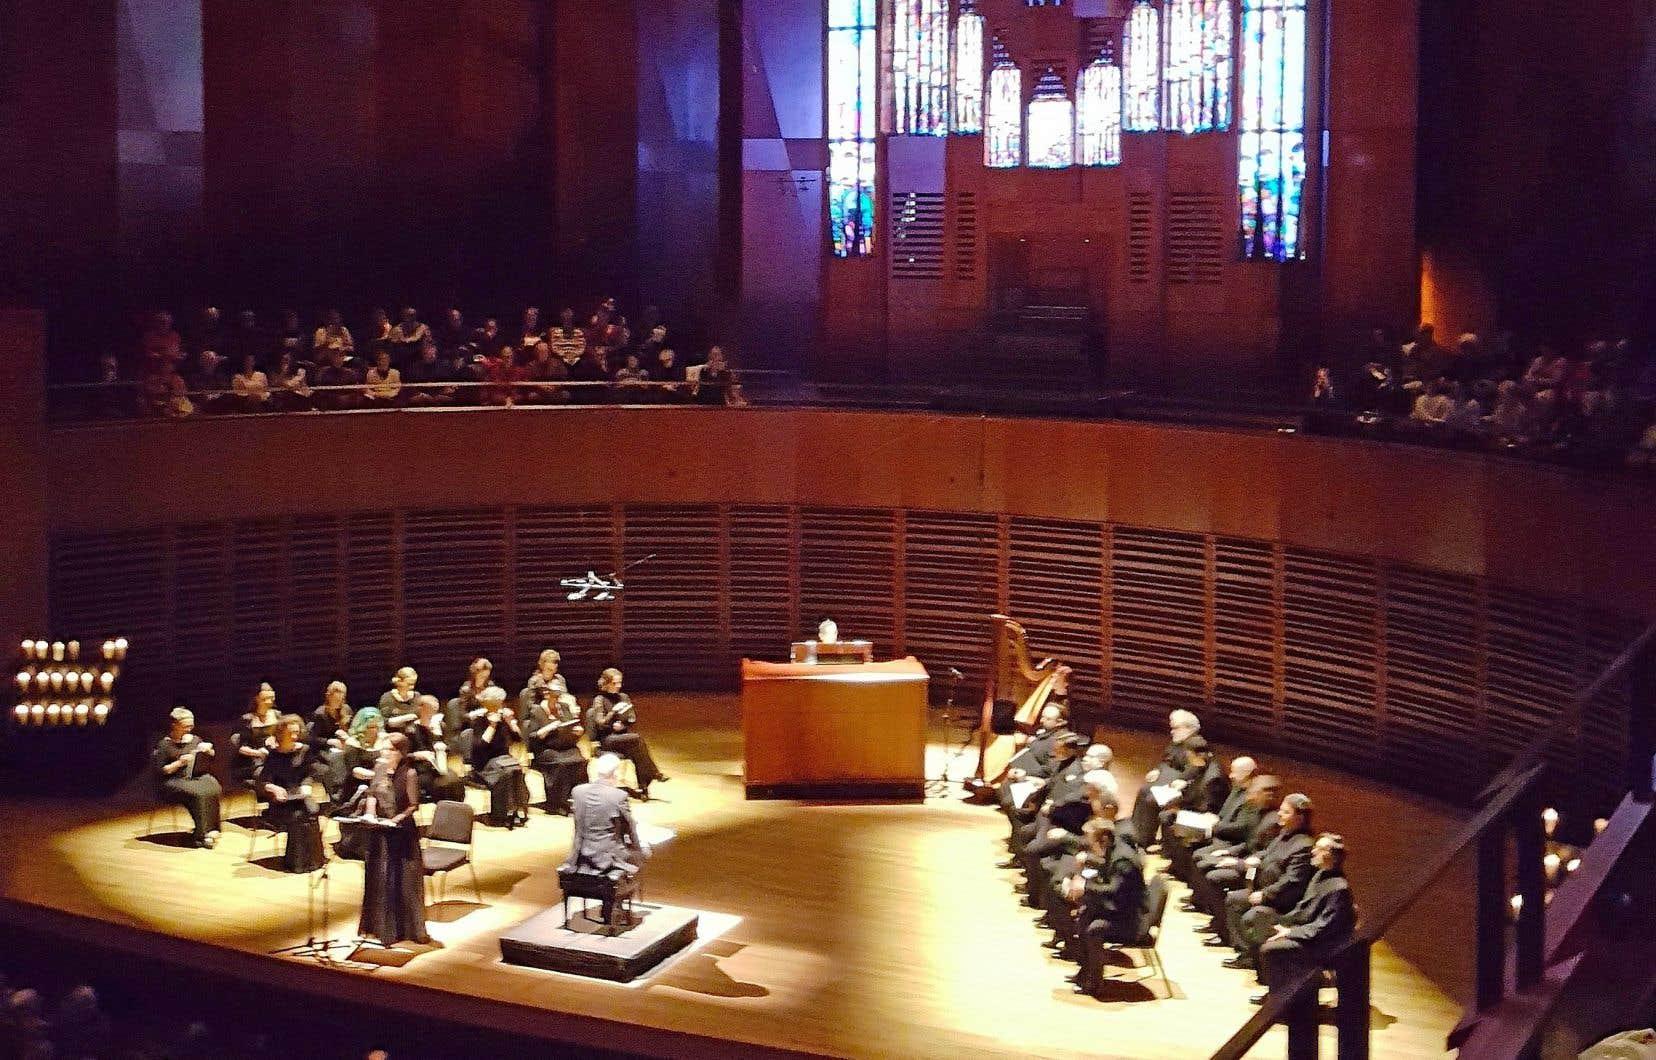 Les fidèles, spectateurs, sont invités à quatre reprises à participer en chantant des refrains connus pendant lesquels l'officiant-chef se retourne vers la foule.